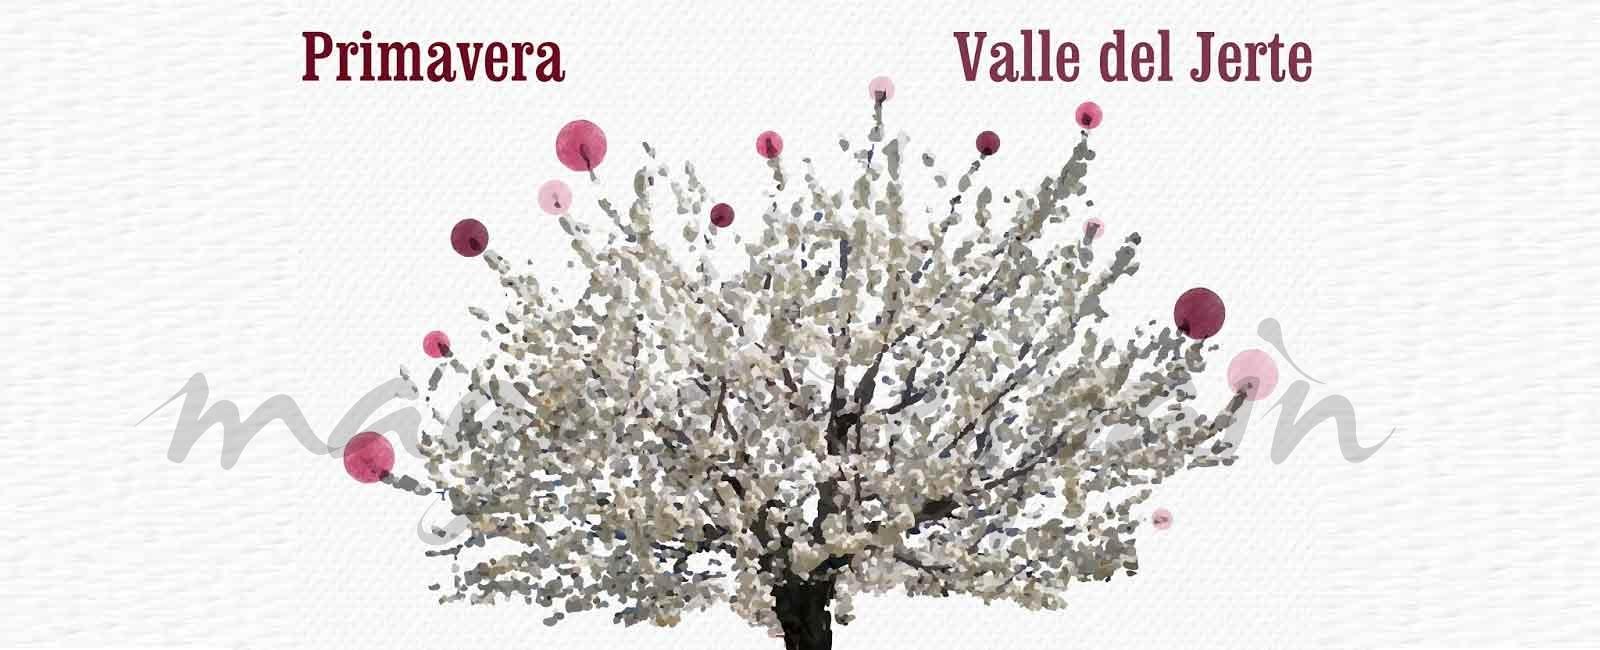 El Valle del Jerte… El despertar de la primavera